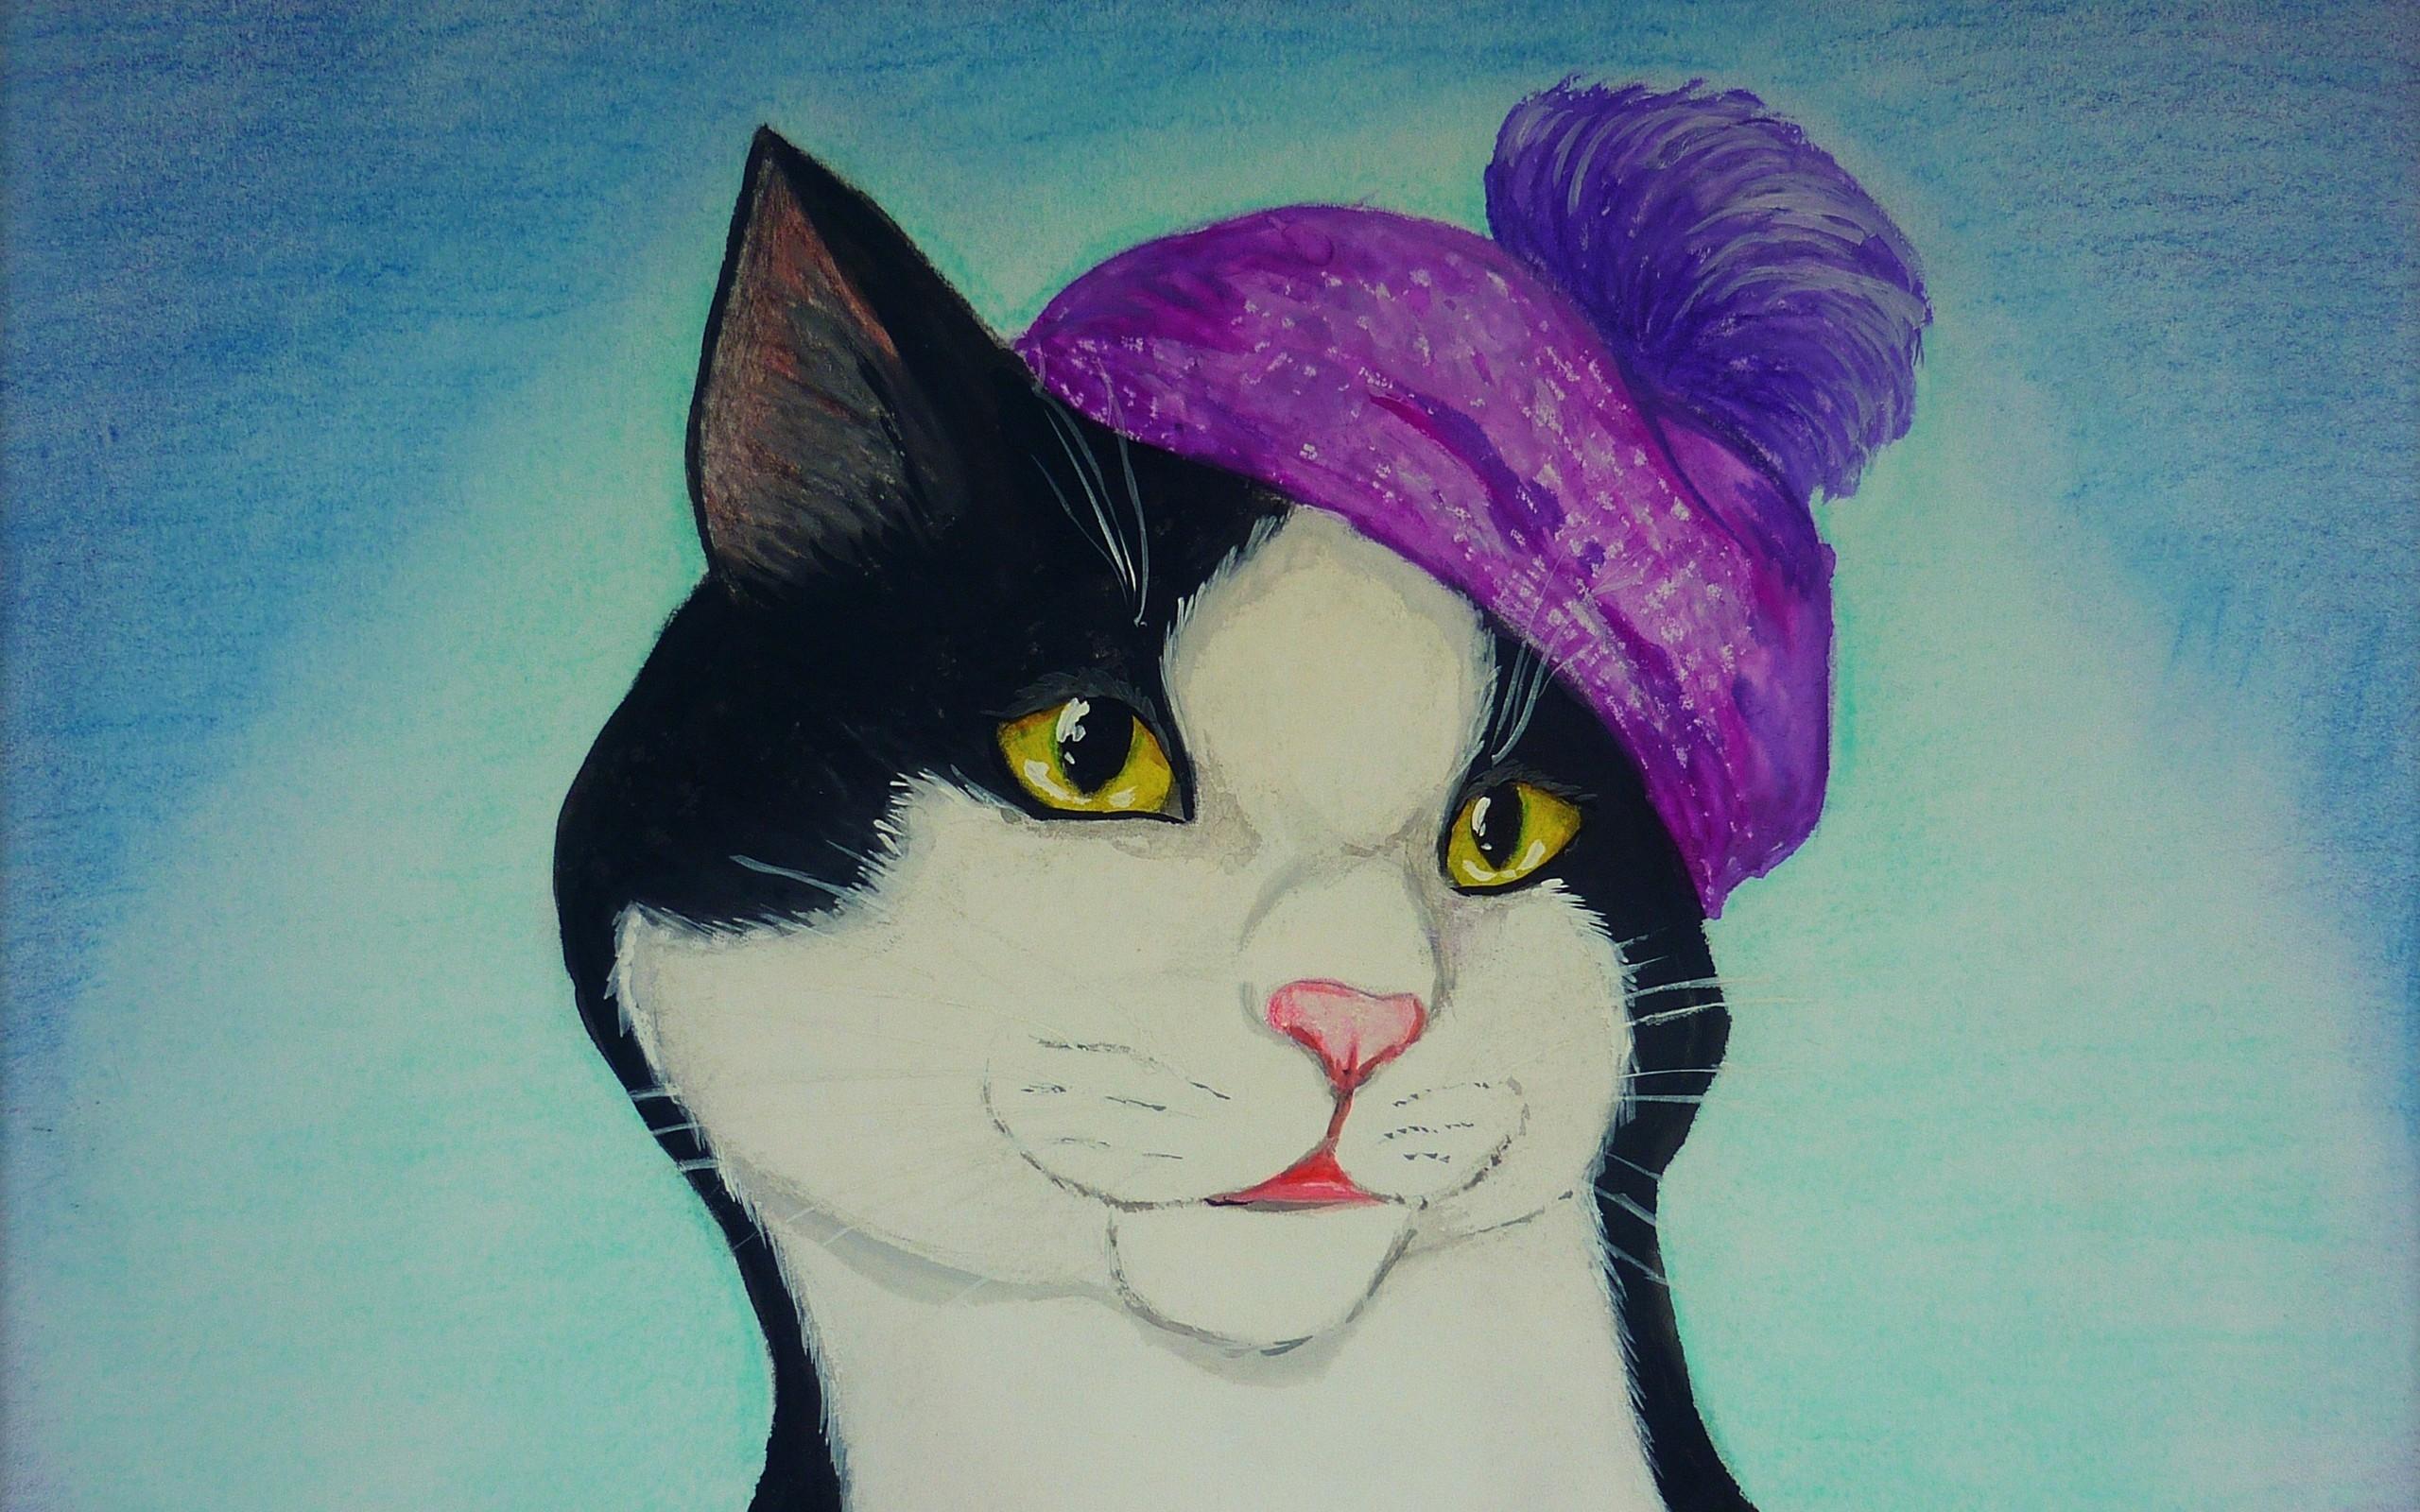 Wallpaper Gambar Lukisan Ilustrasi Topi Biru SENI